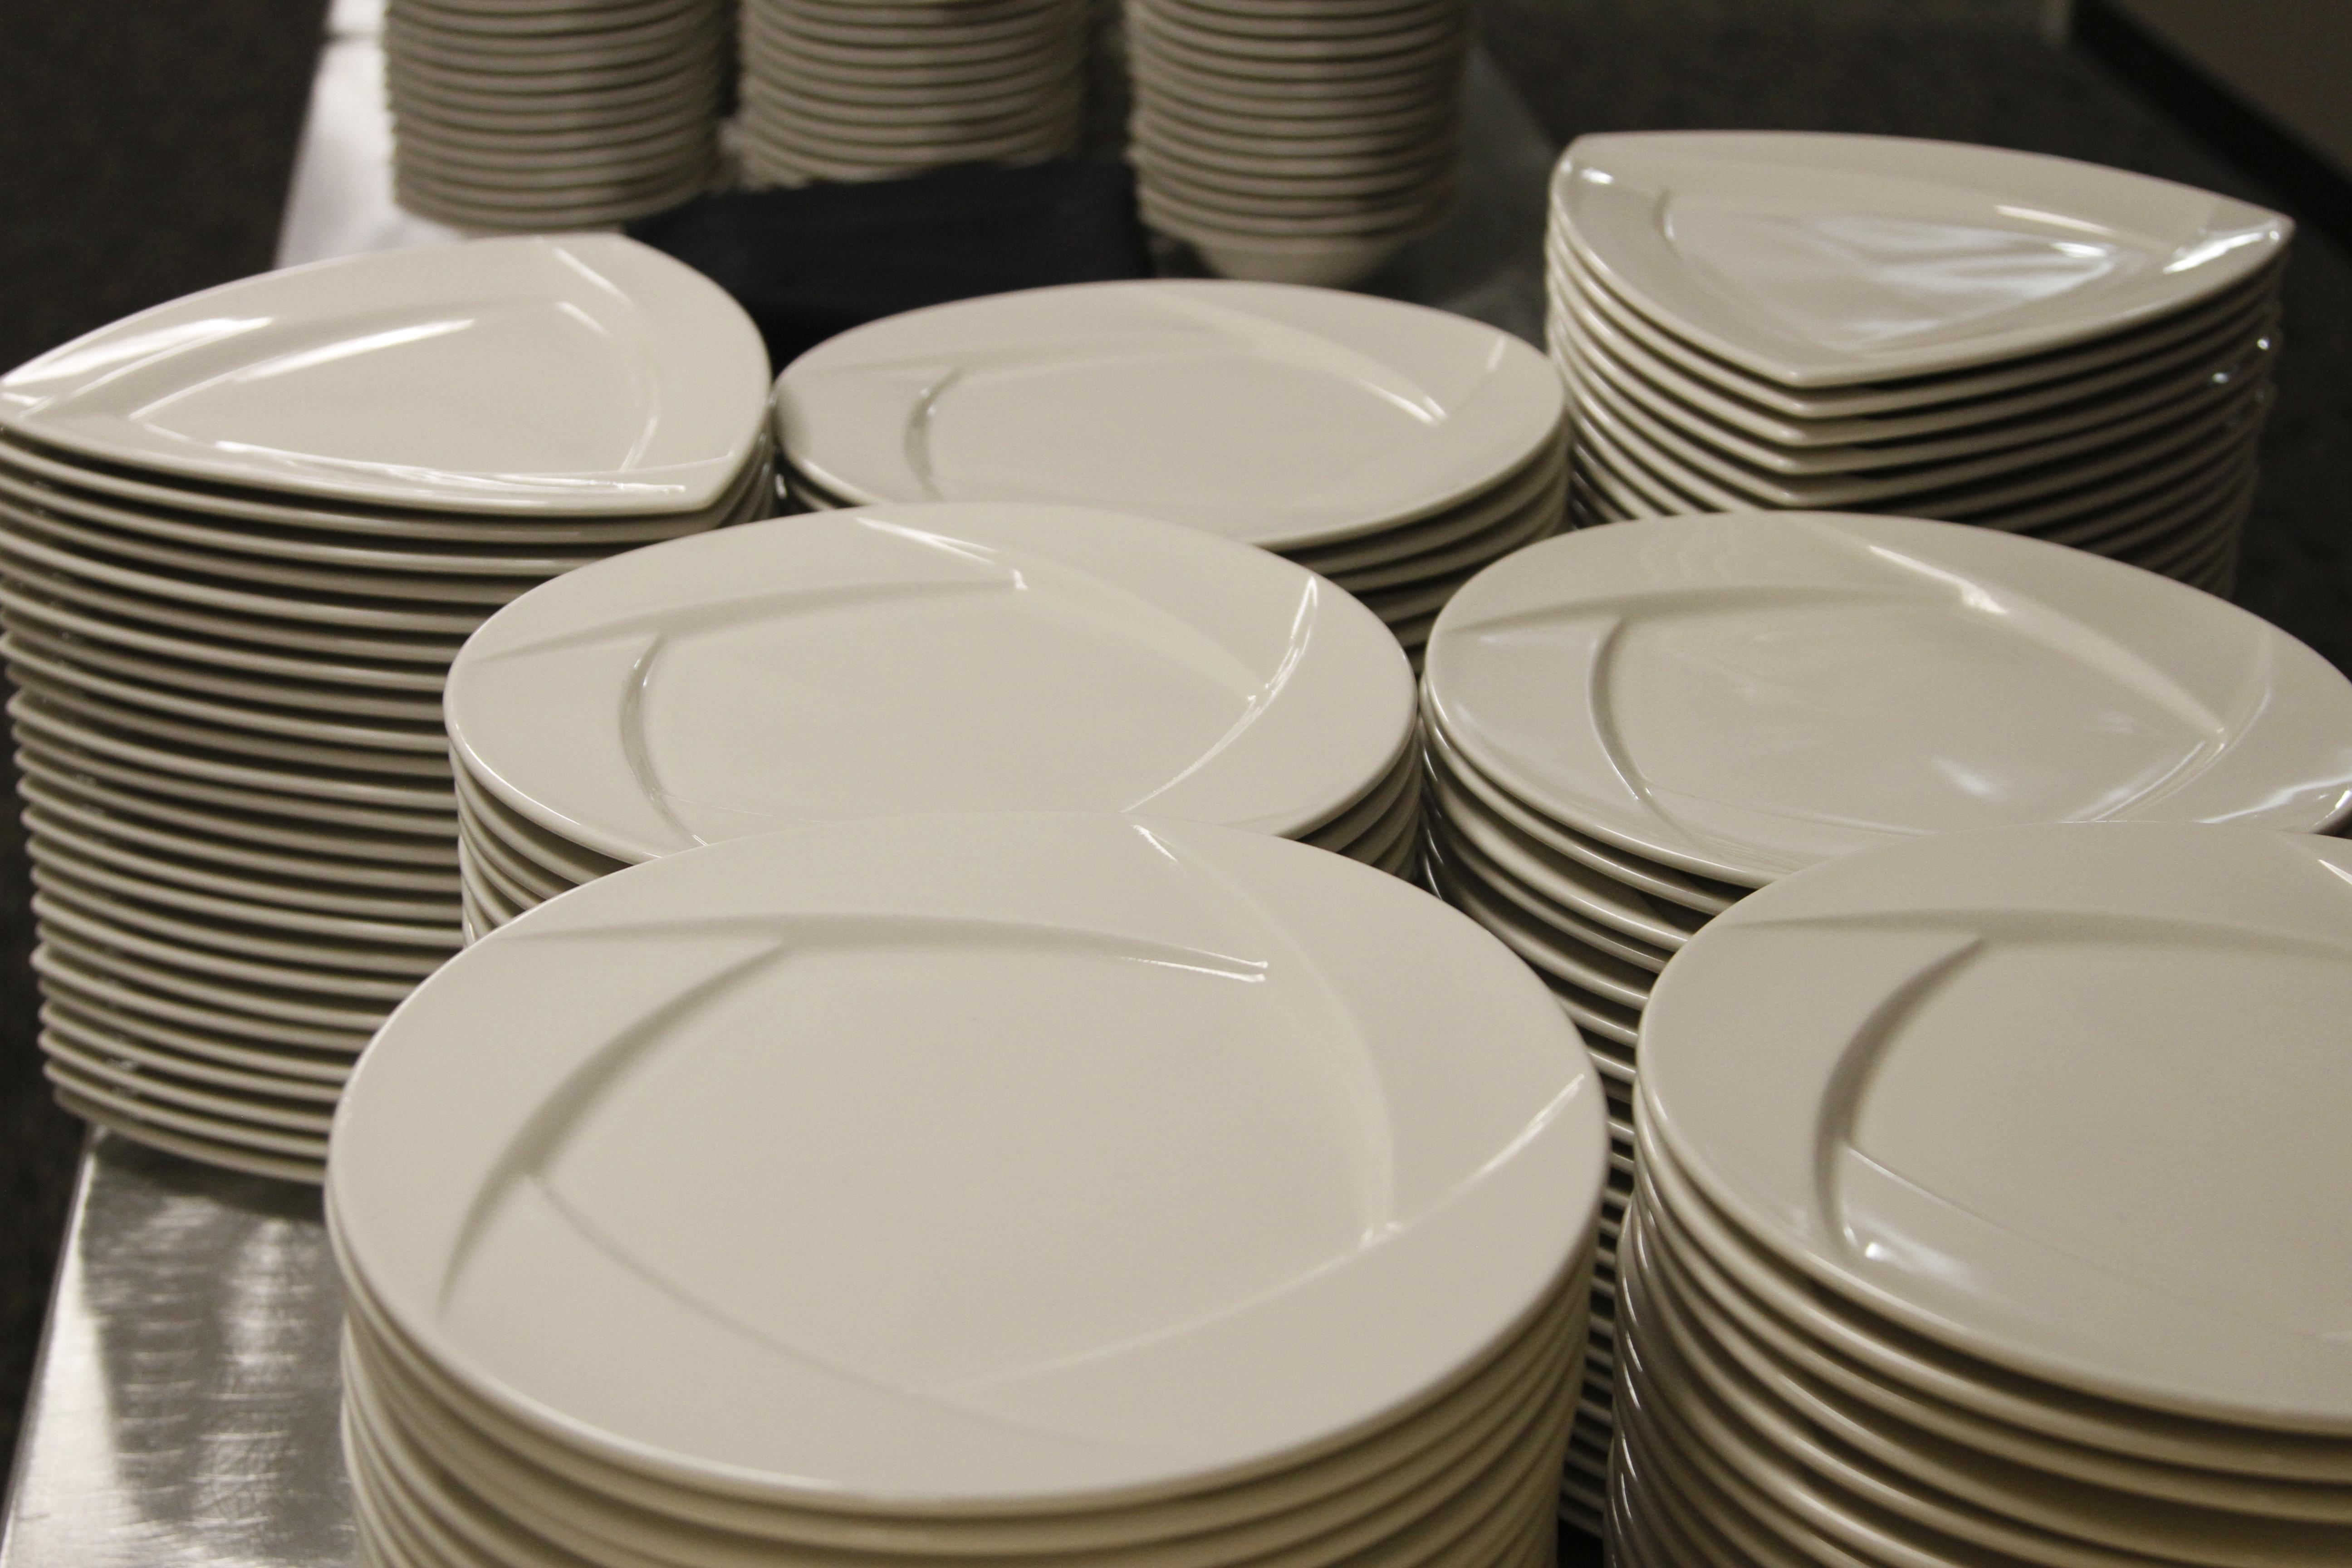 FileDinner plates.jpg & File:Dinner plates.jpg - Wikimedia Commons